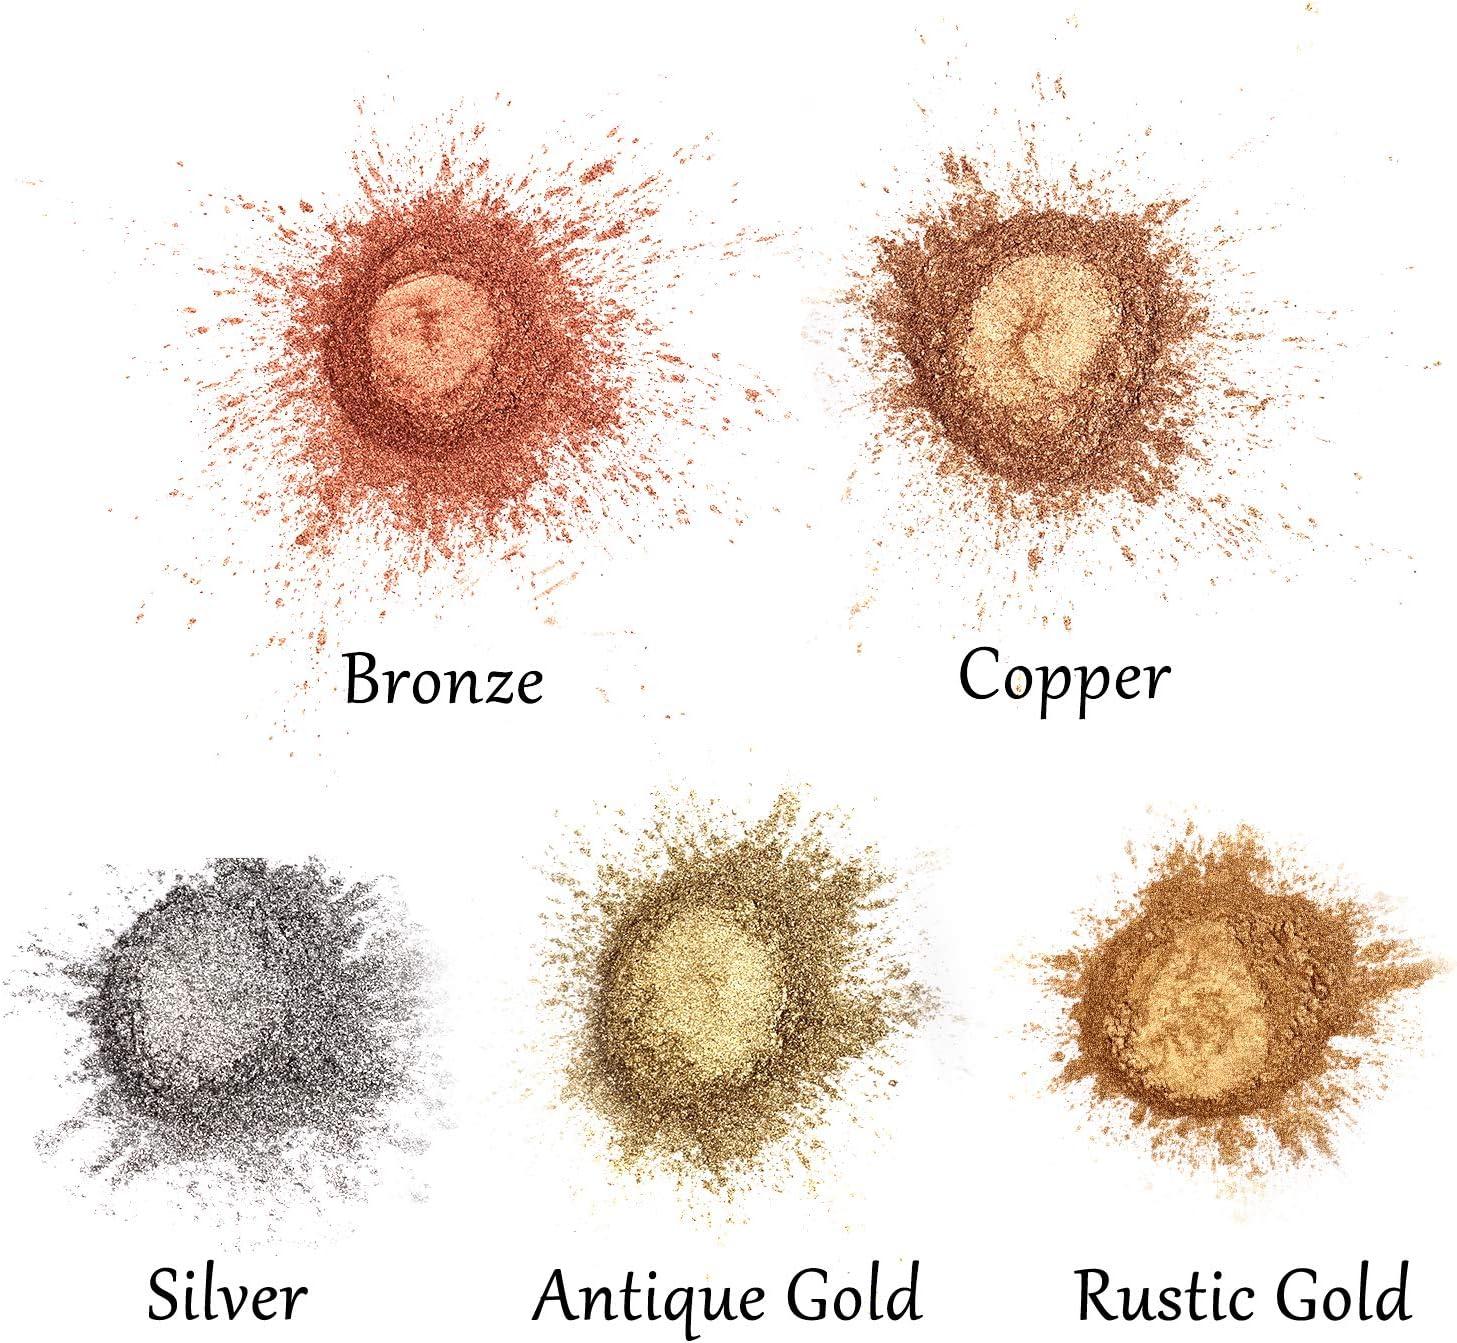 cada botella de polvo de cobre de 7 onzas para colorear resina epoxi arcilla de pol/ímero y otras manualidades. Polvo met/álico de pigmento LETS RESIN 5 colores de resina de metal brillante en polvo